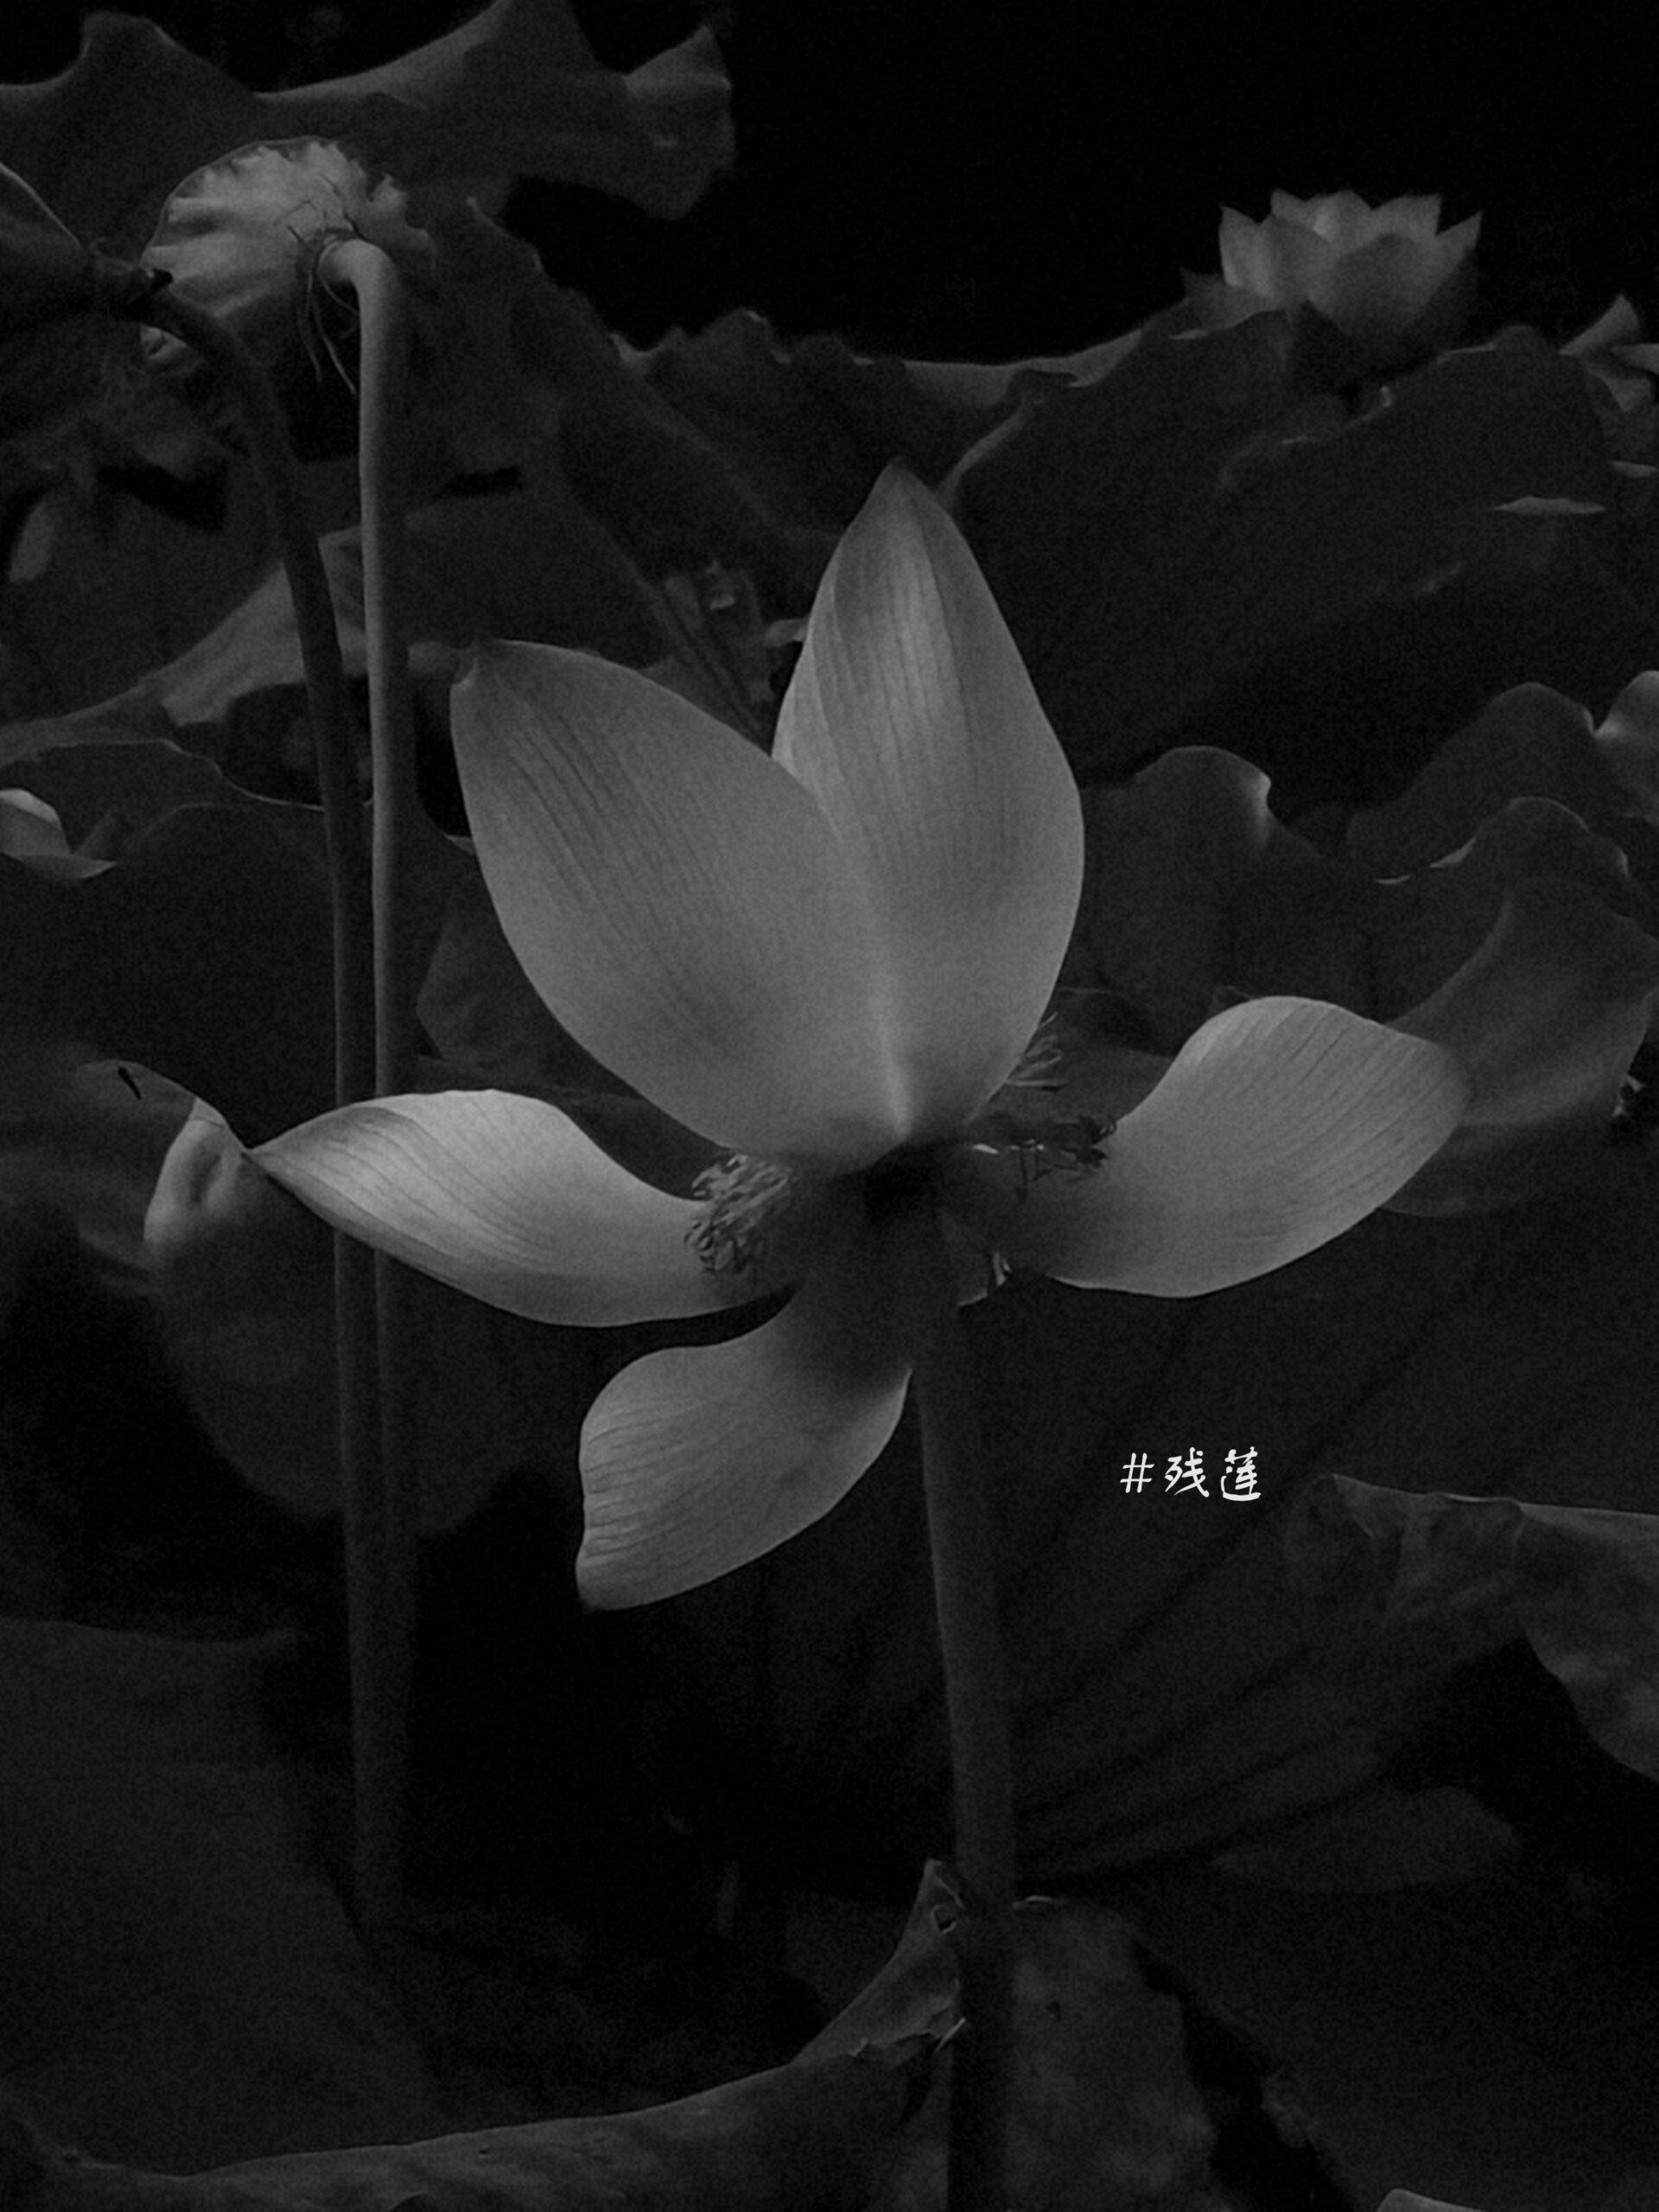 """""""一片一故事""""(by Hush)-萌哒校园"""